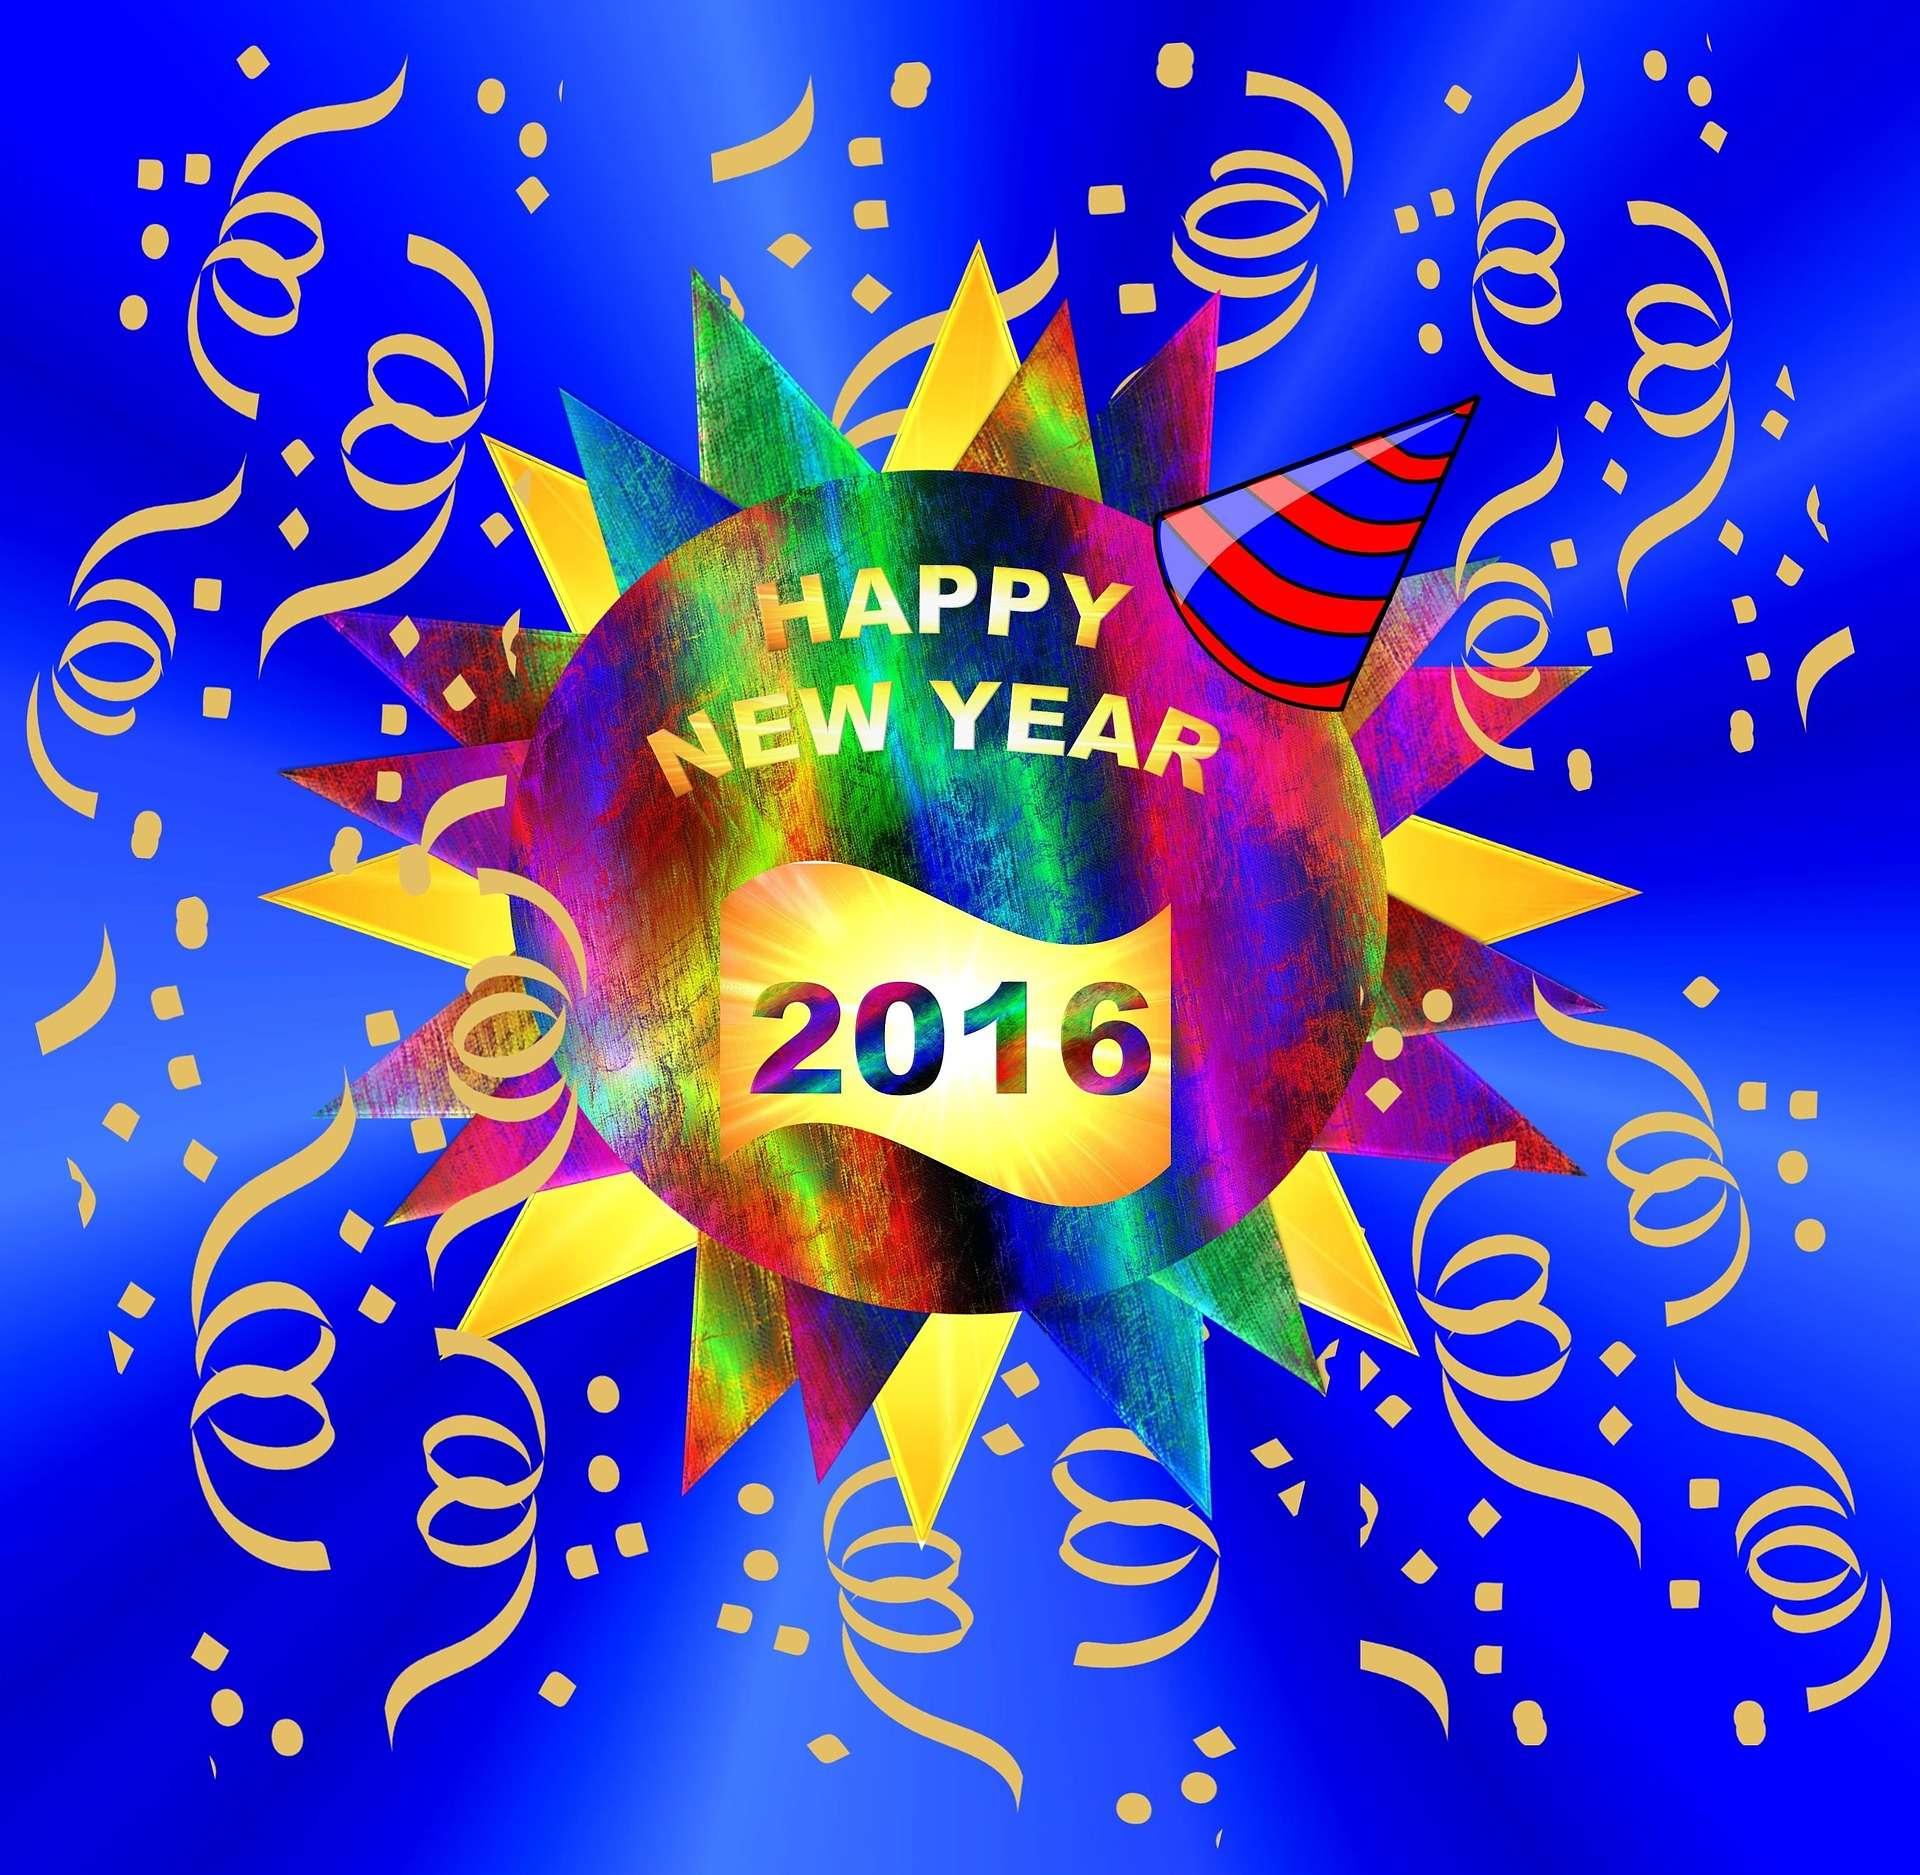 Sagittarius Monthly Horoscope January 2016 - Sally Kirkman